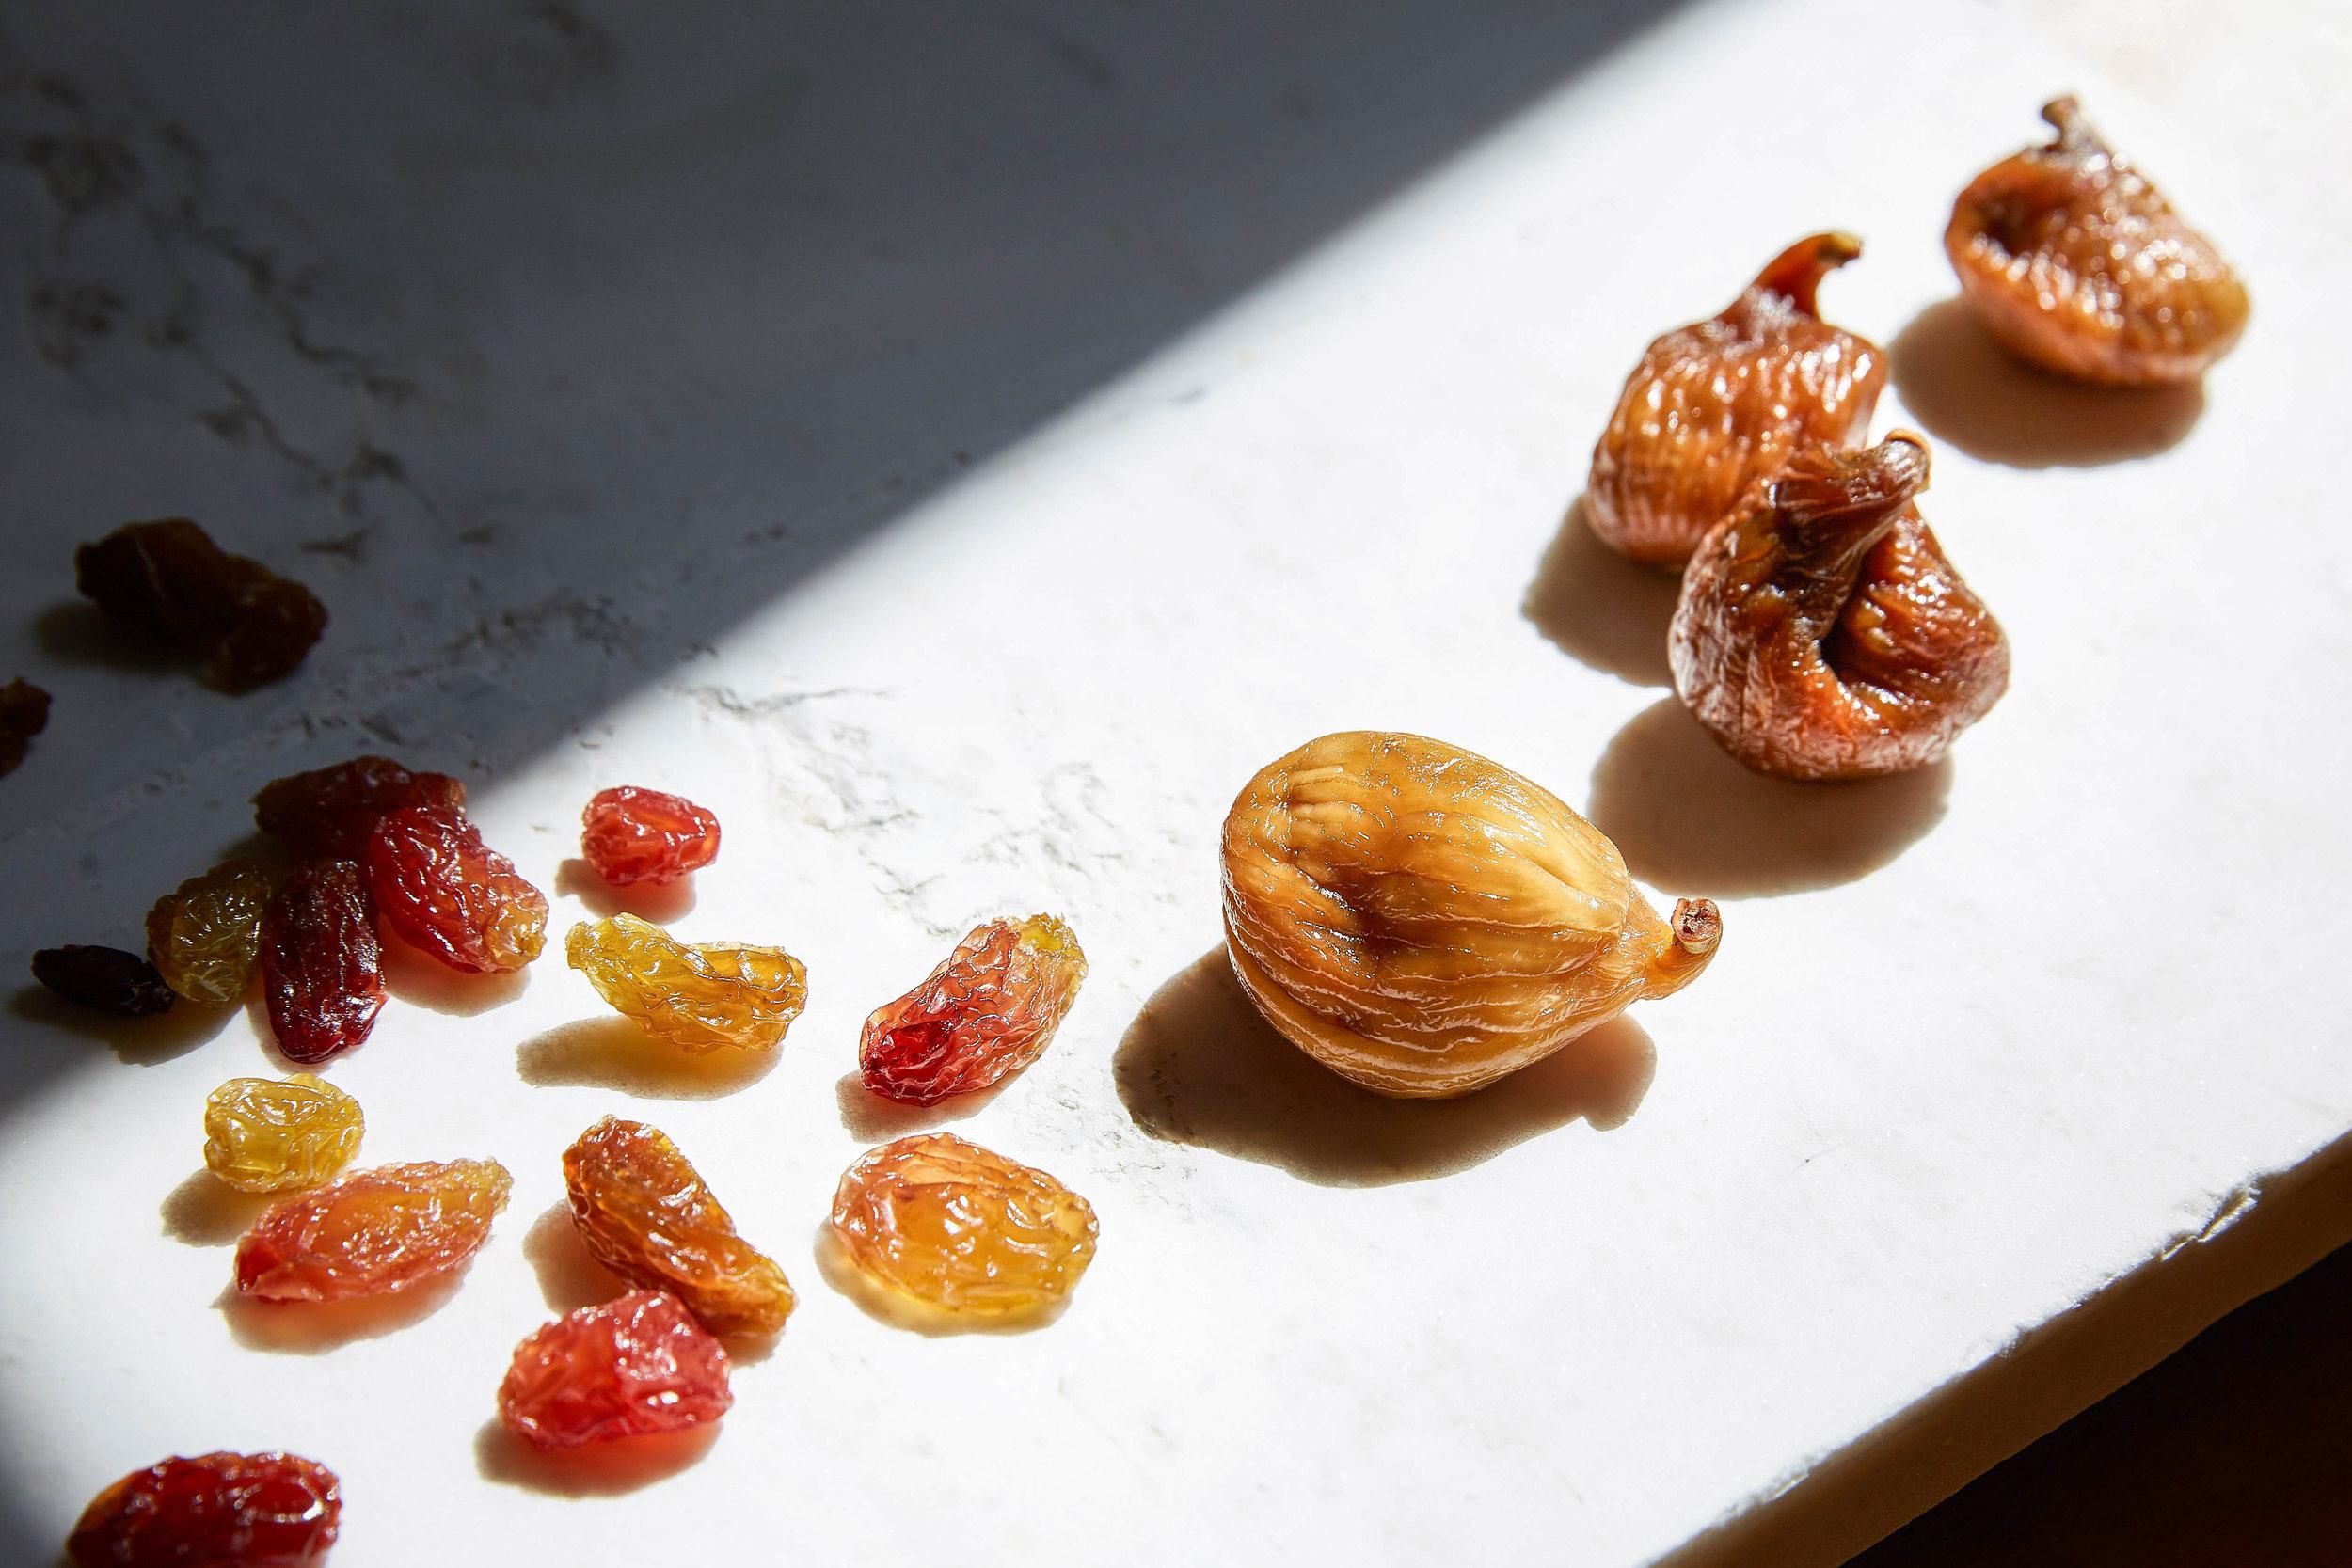 figs-raisins- 1-ed-sm.jpg